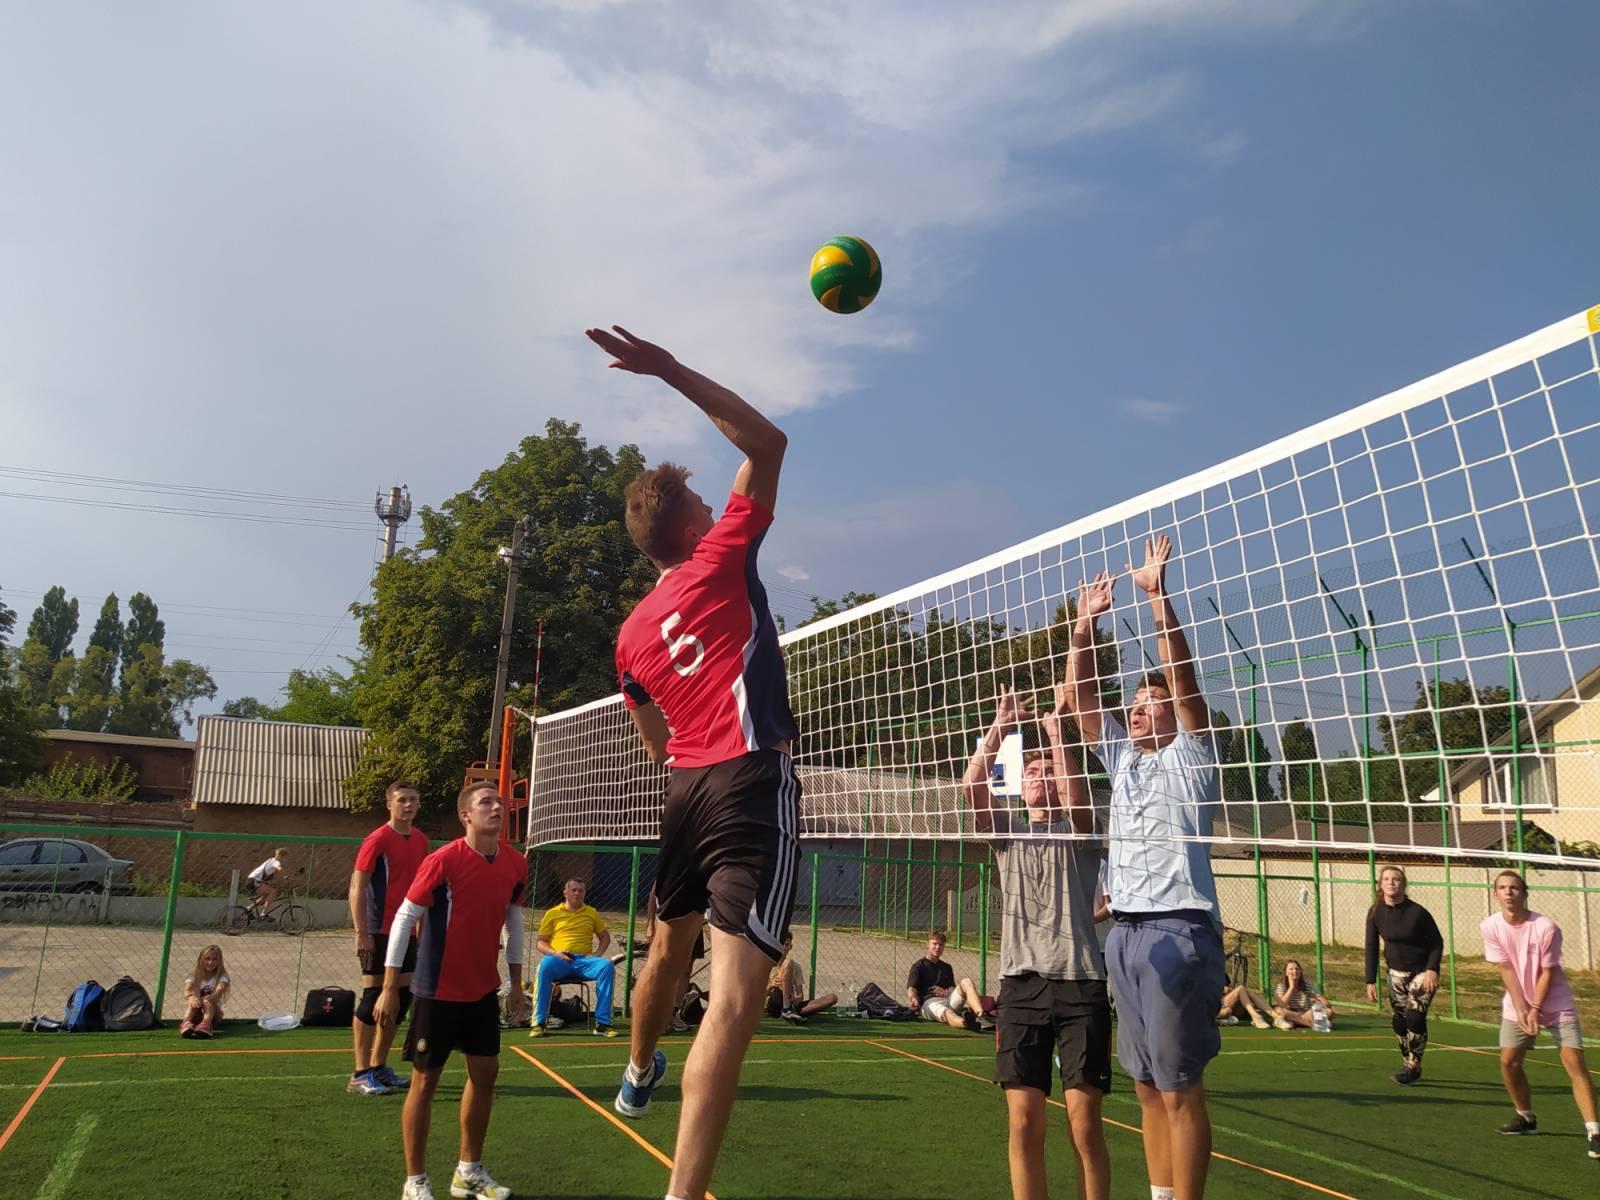 У громаді розвивають різні види спорту